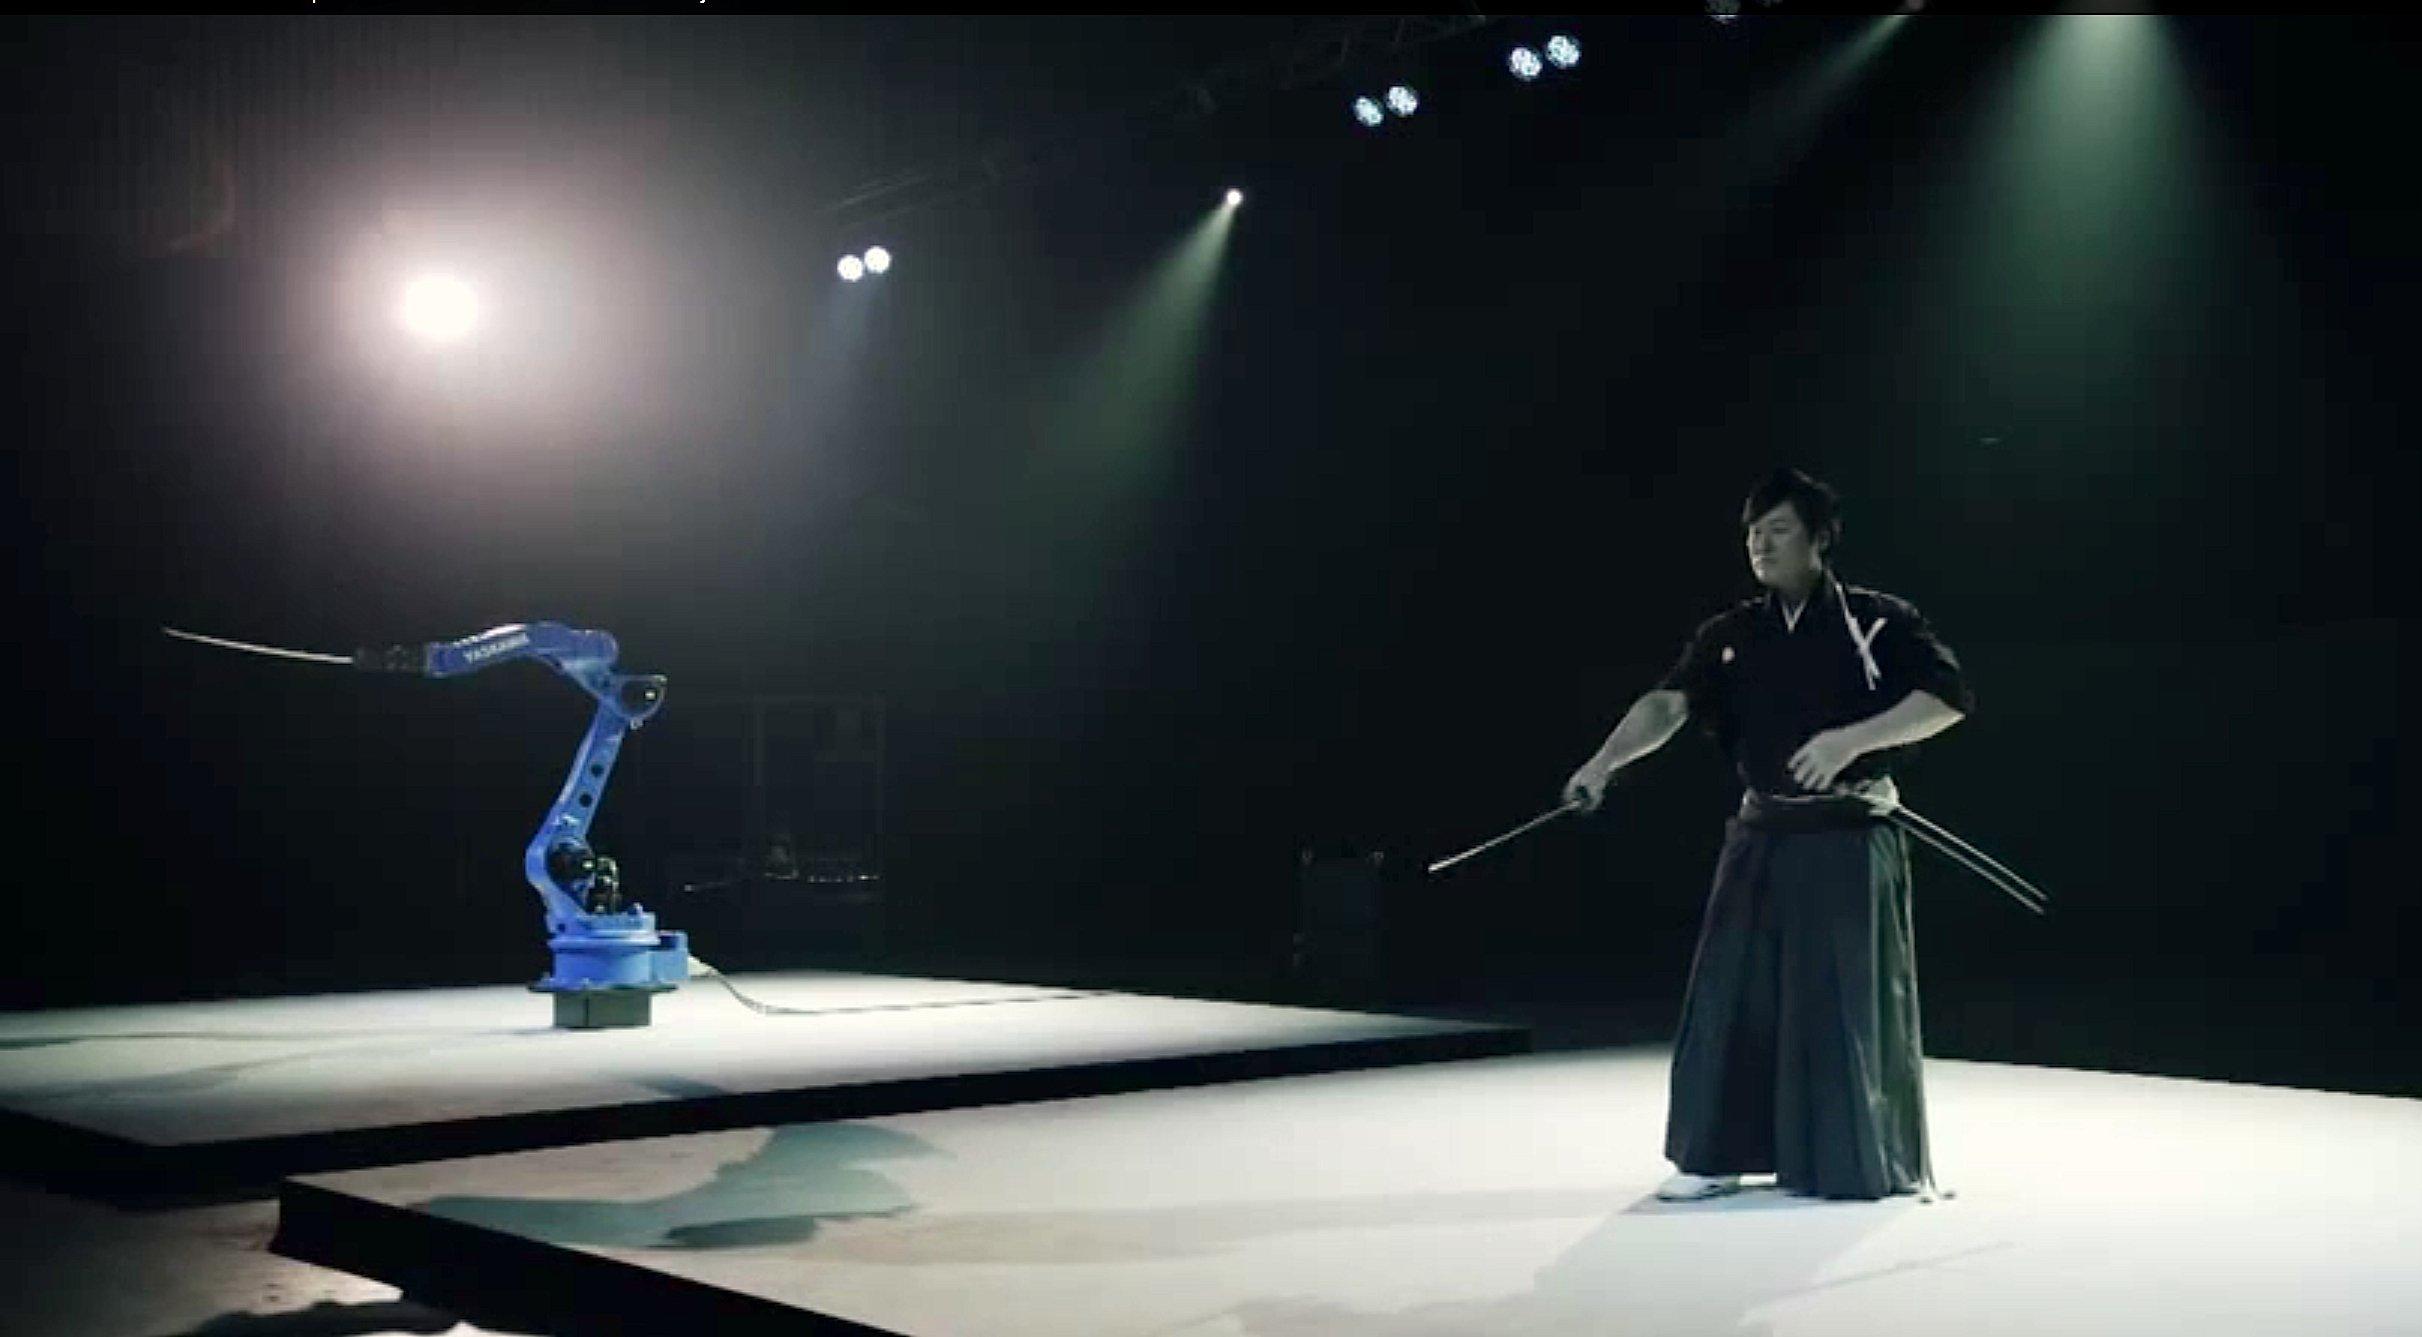 SchwertmeisterIsao Machii und derFabrikroboter Motoman-MH24 des japanischen MaschinenbauersYaskawa im Duell: Beide durchtrennten mit großer Präzision Früchte und Hölzer.